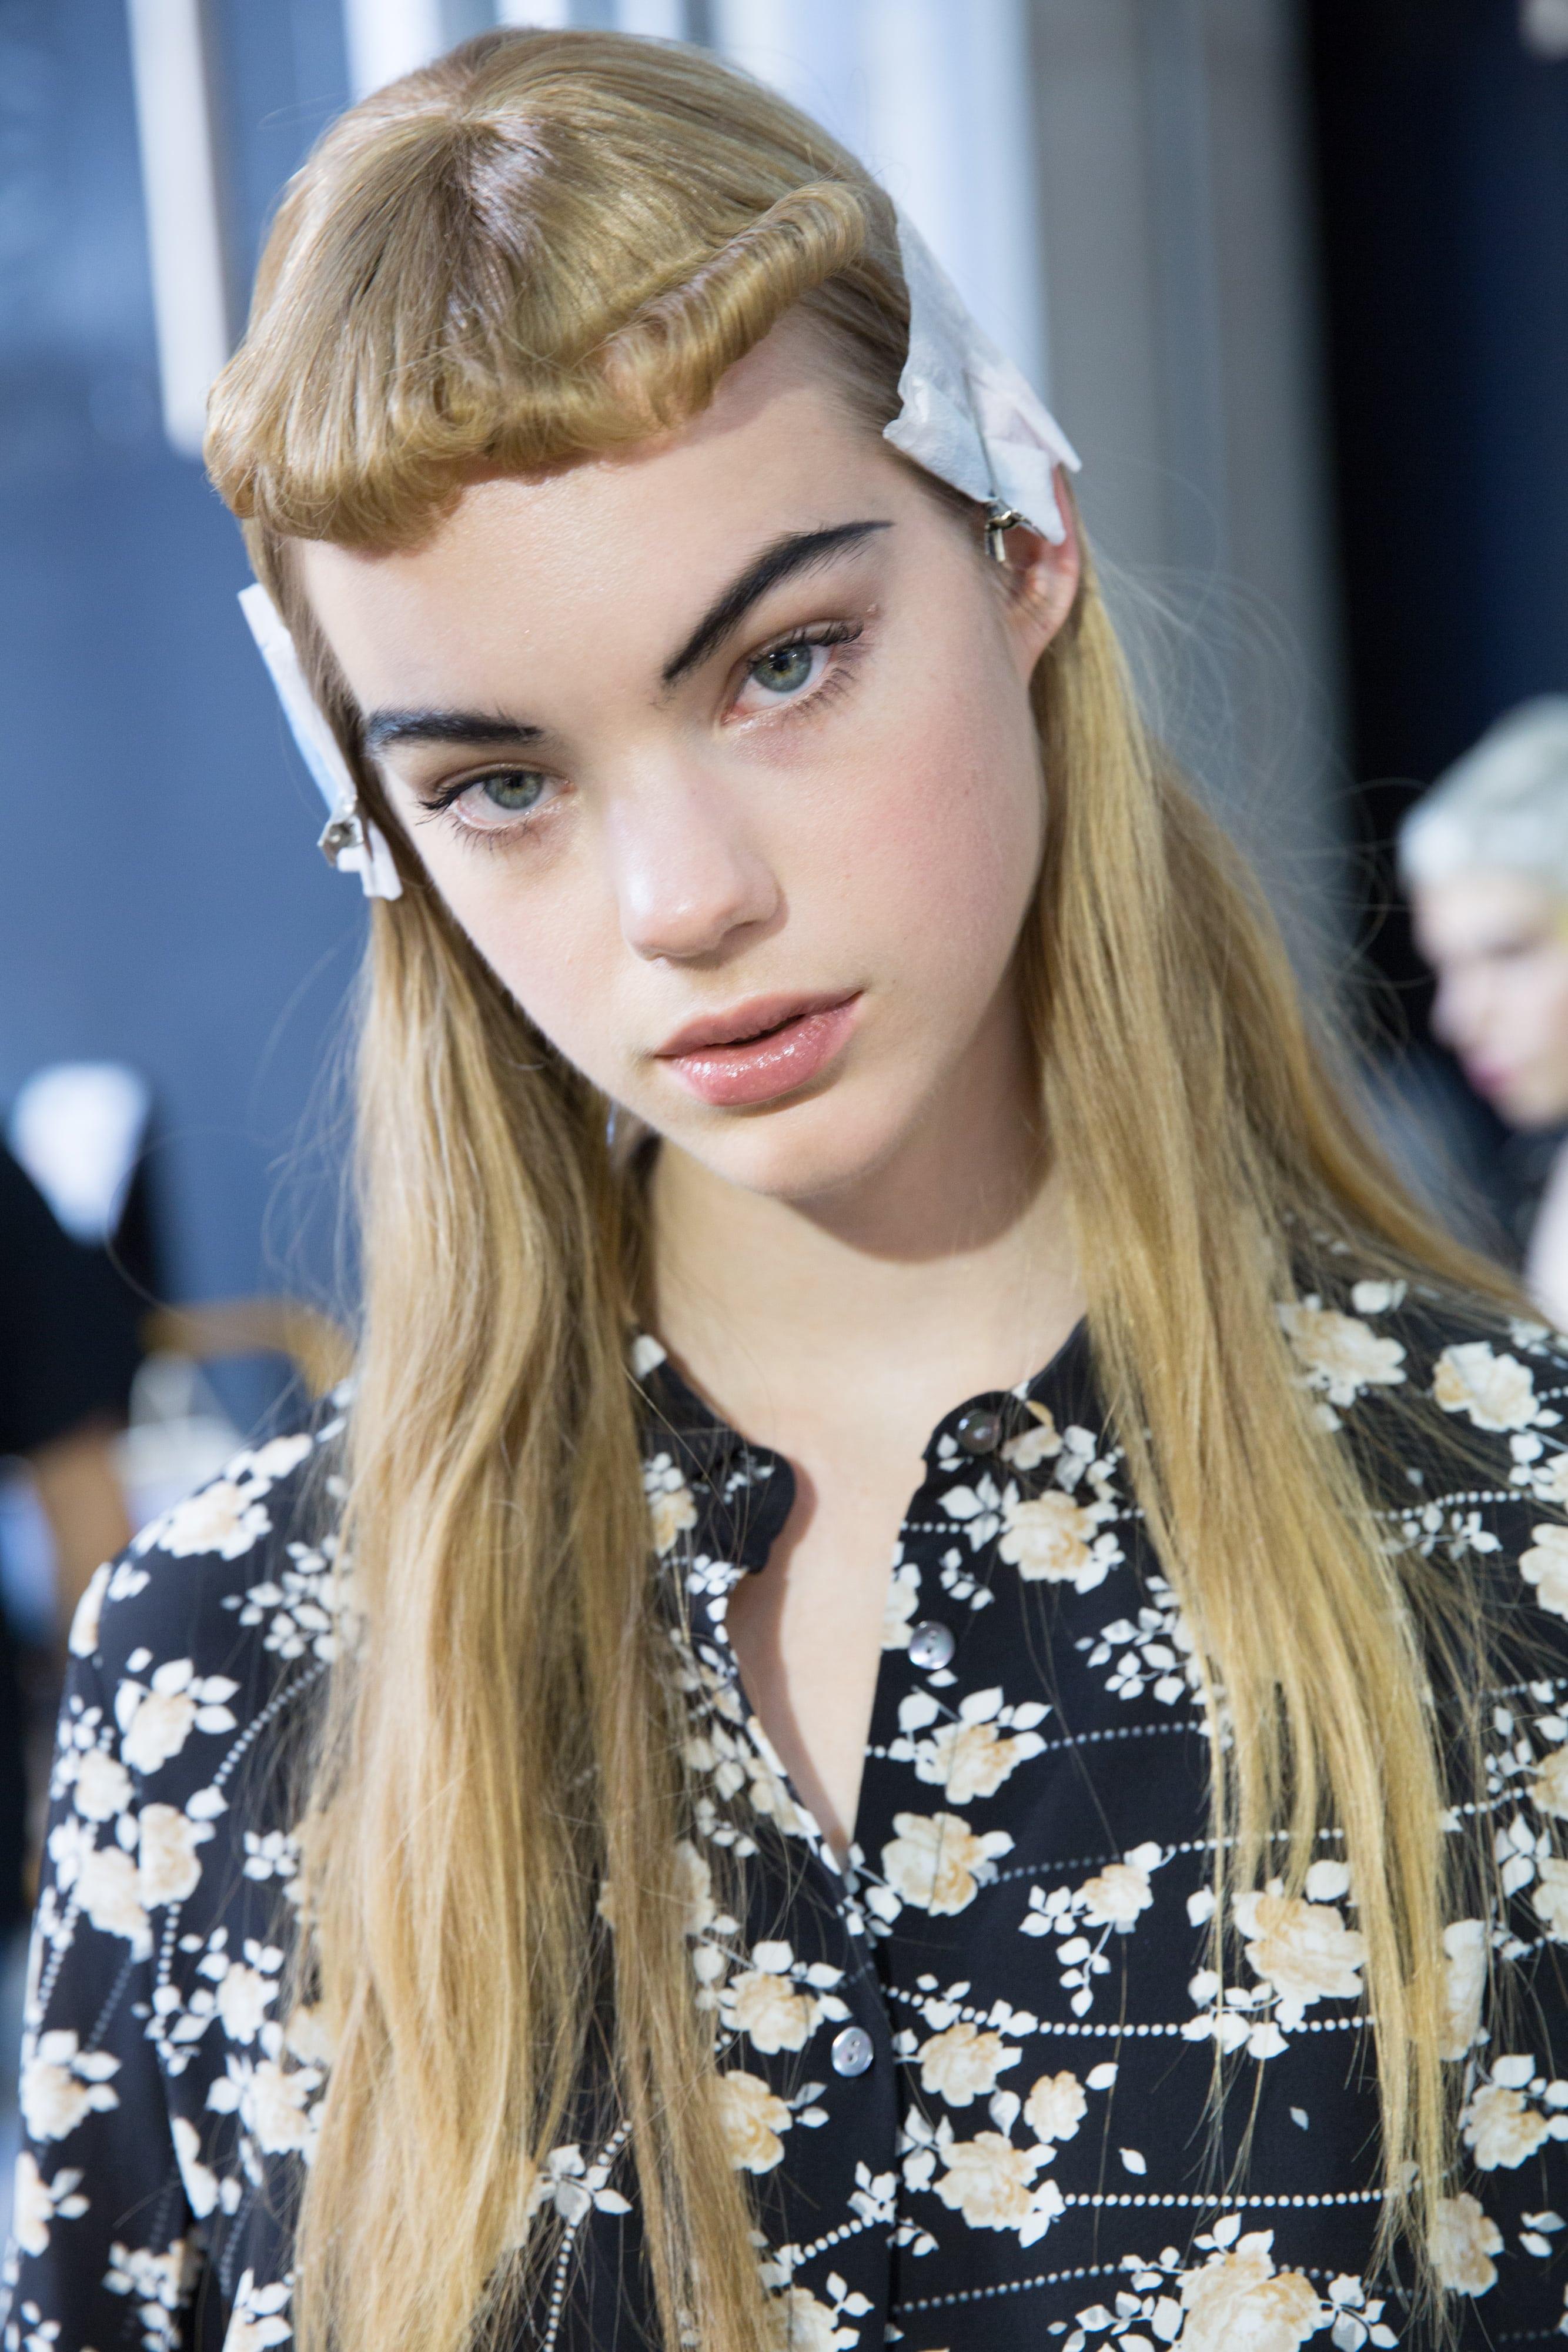 Frange courte: Modèle blonde aux cheveux longs et micro frange courte enroulée rétro dans les coulisses d'un défilé de mode.